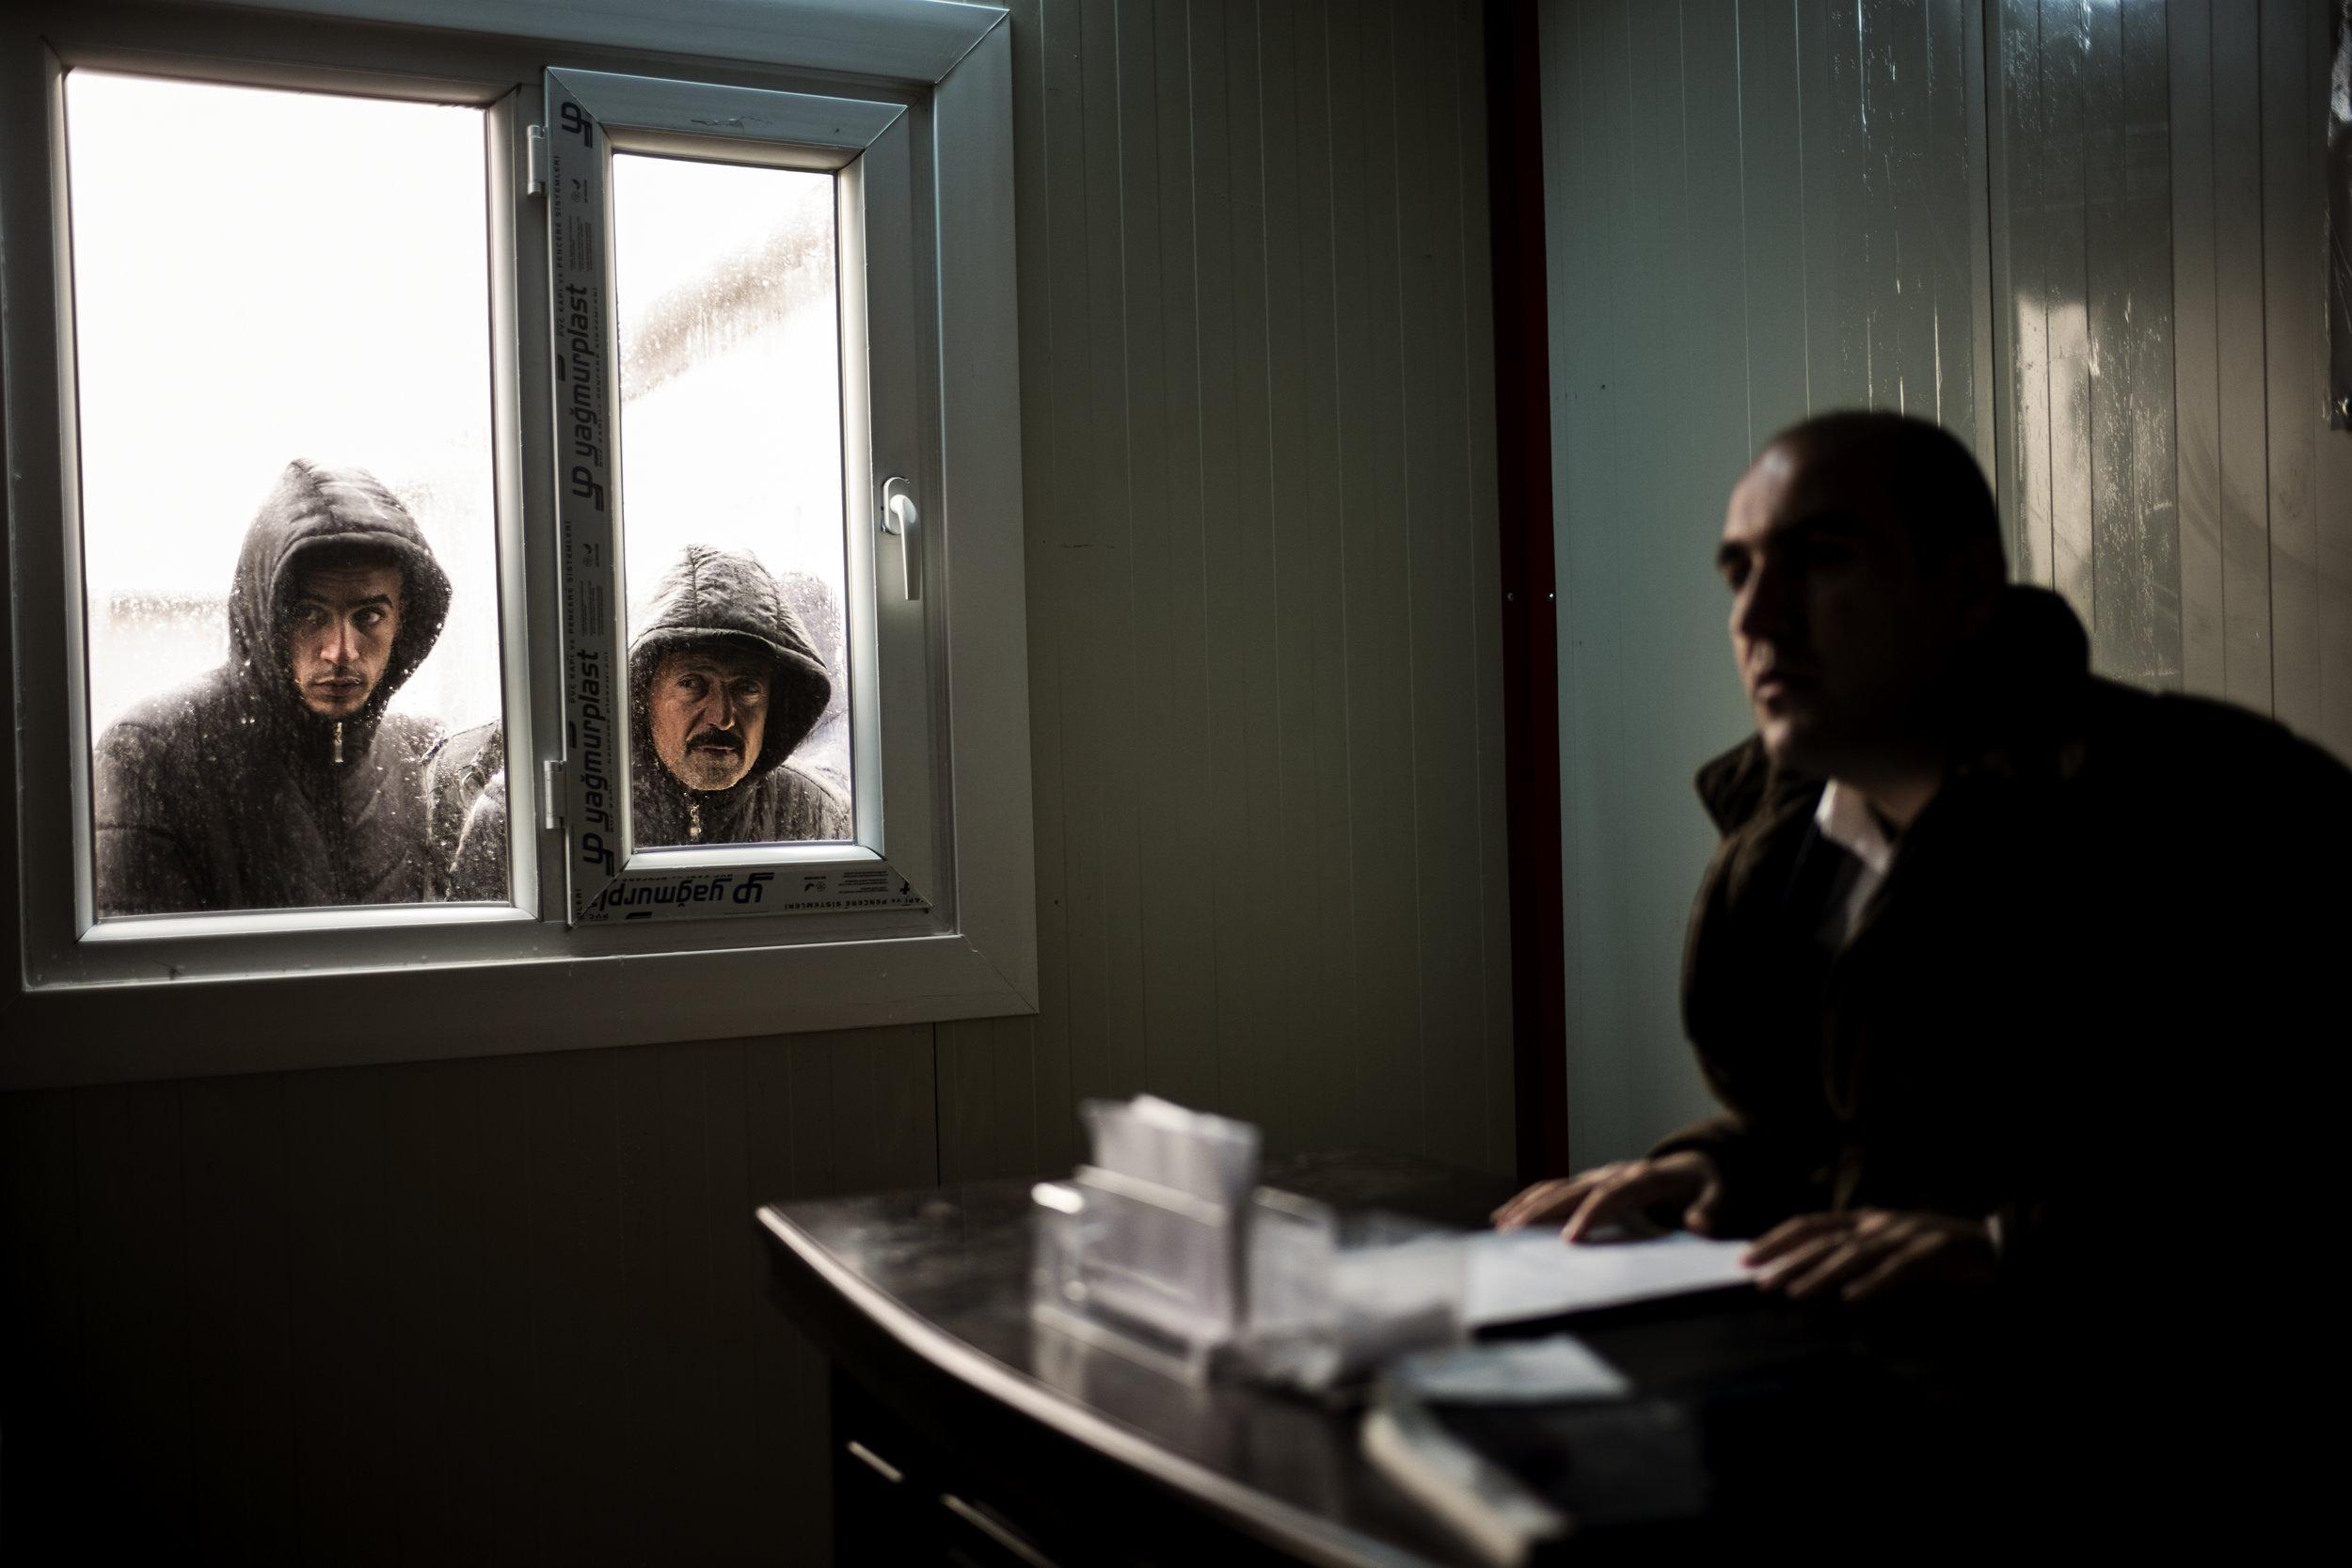 Ekstra Bladet i Mosul: To beboere i Khazer flygtningelejeren kigger gennem vinduet til lejerens leder. Efterhånden som flere af lejerens indbyggere har fået mulighed for at vende tilbage til deres hjem har det givet mulighed for, at store familier kan få et ekstra telt, så de ikke skal bo så trangt. Det kræver dog tilladelse fra lejerchefen.